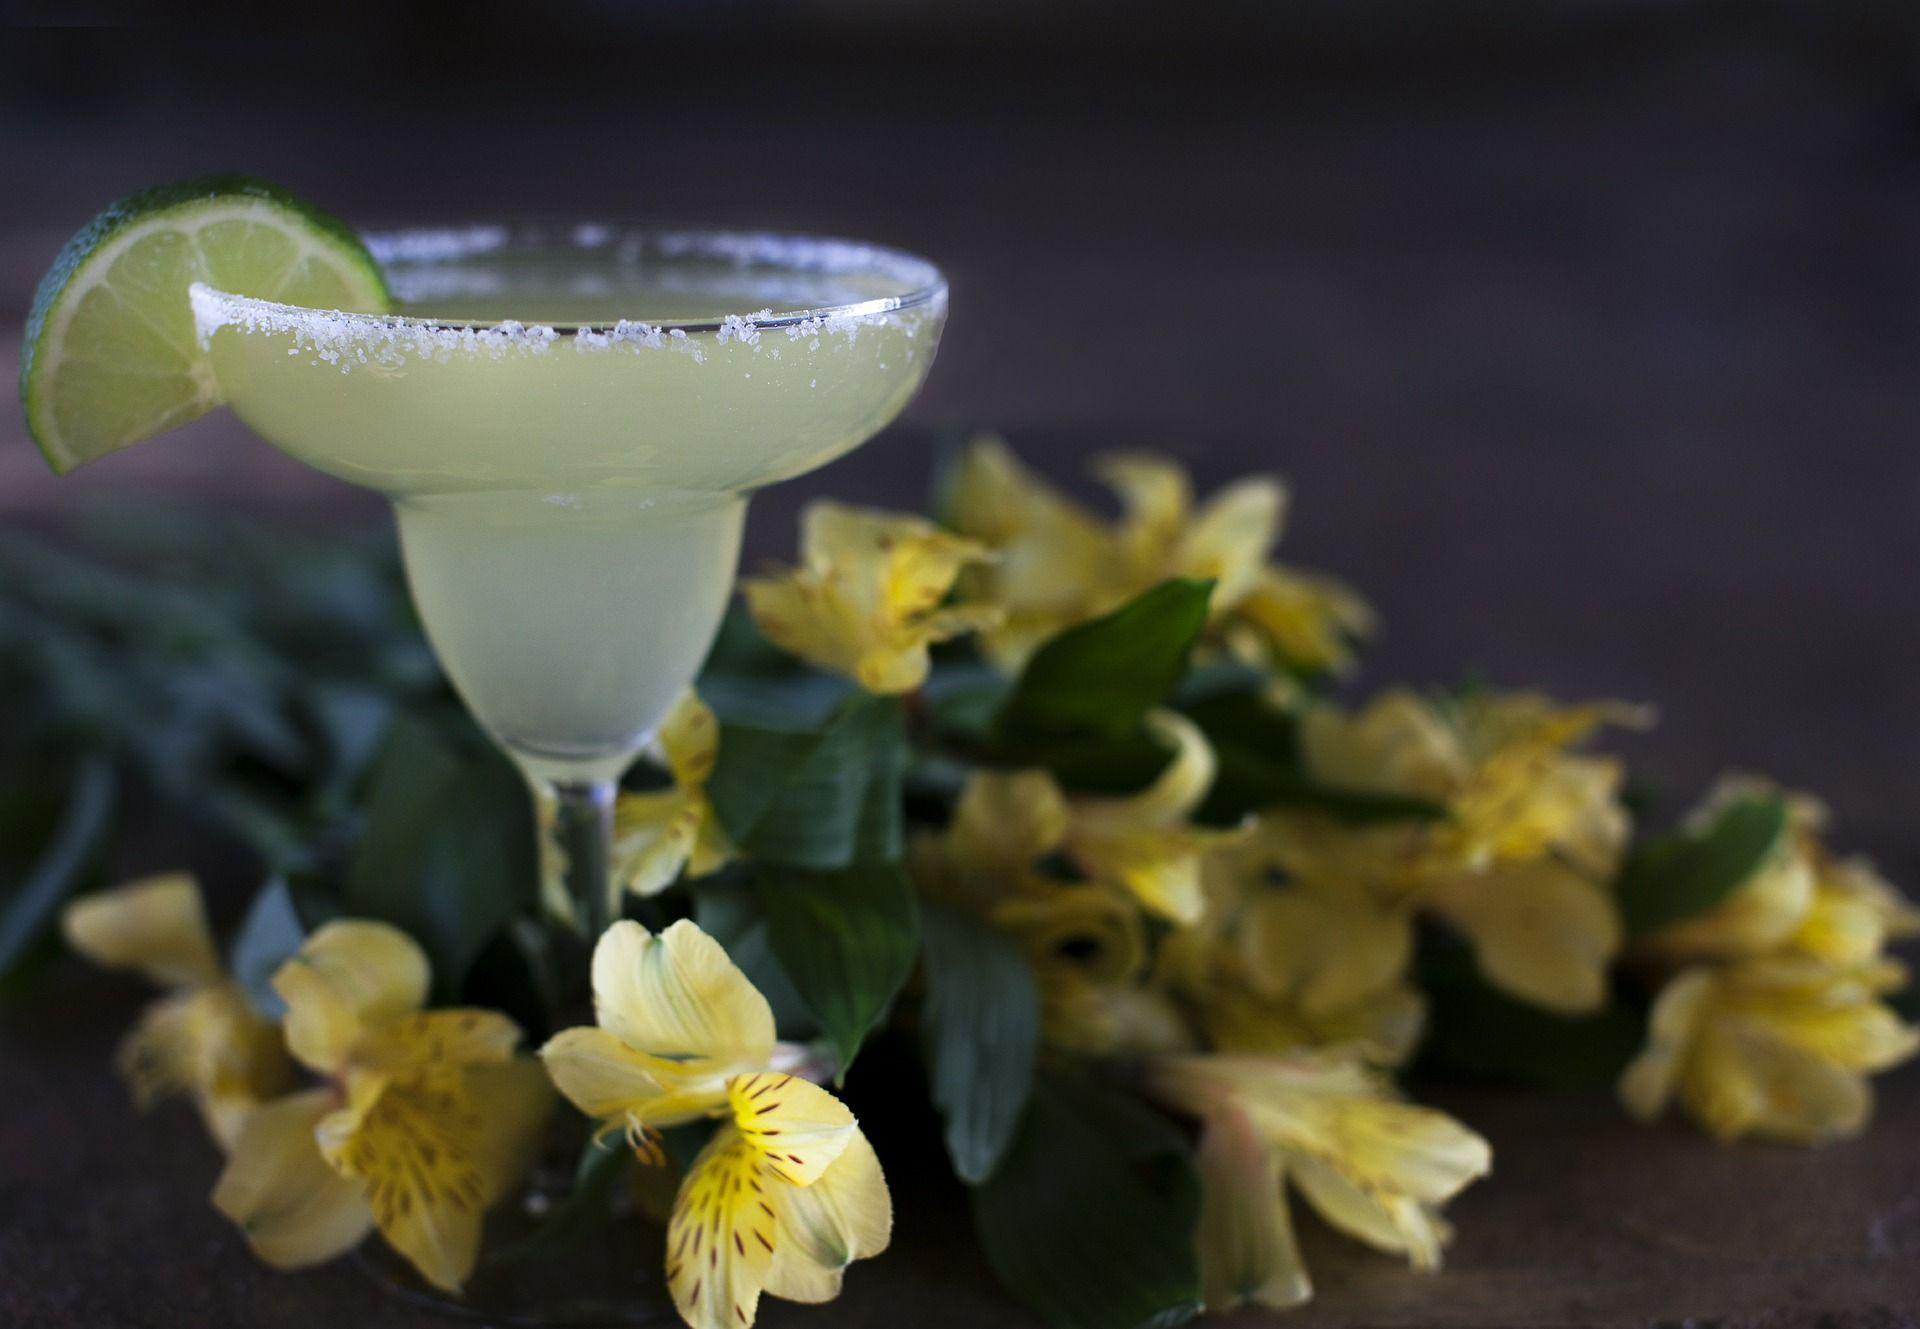 I 10 benefici della tequila che non conoscete